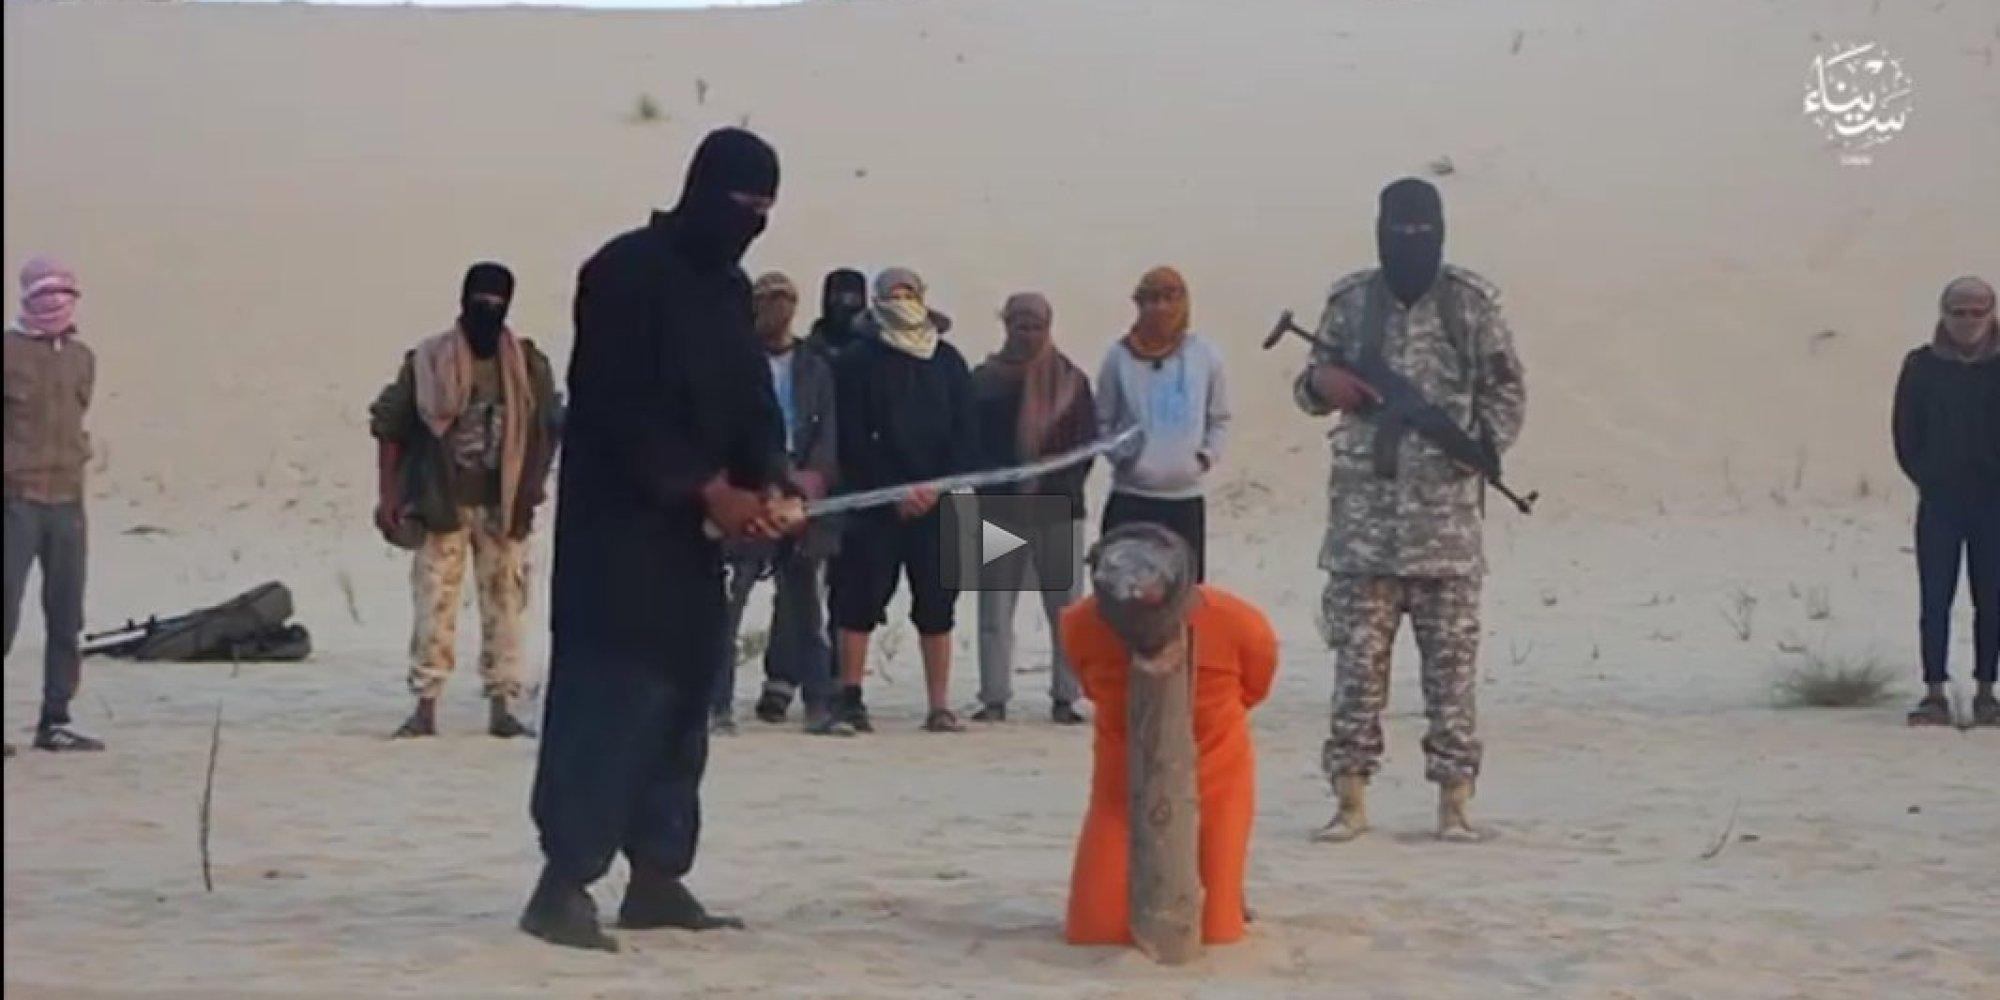 داعش يبثُّ فيديو لإعدام رجلين في سيناء بتهمة ممارسة السحر والكهانة